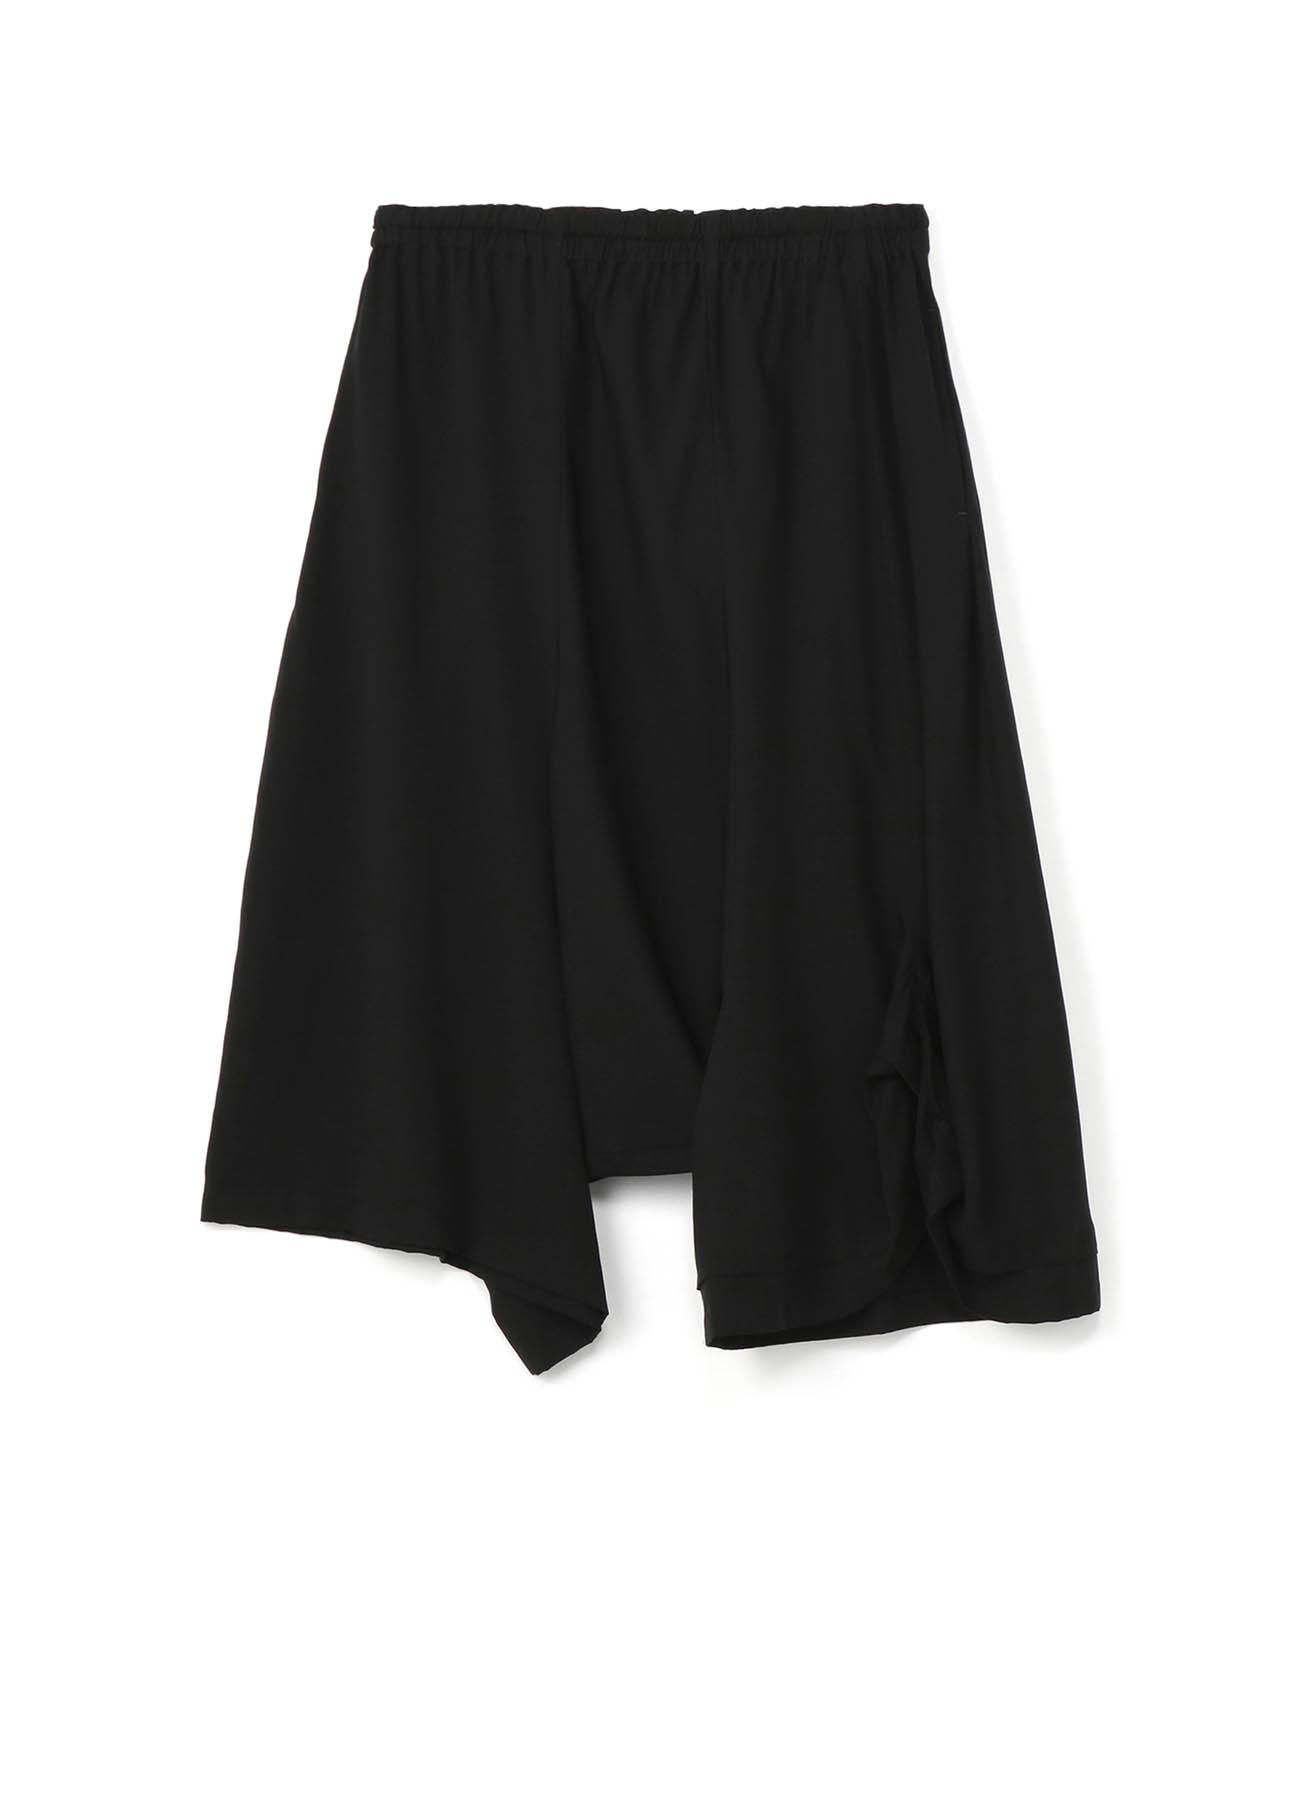 天丝变形设计宽裤